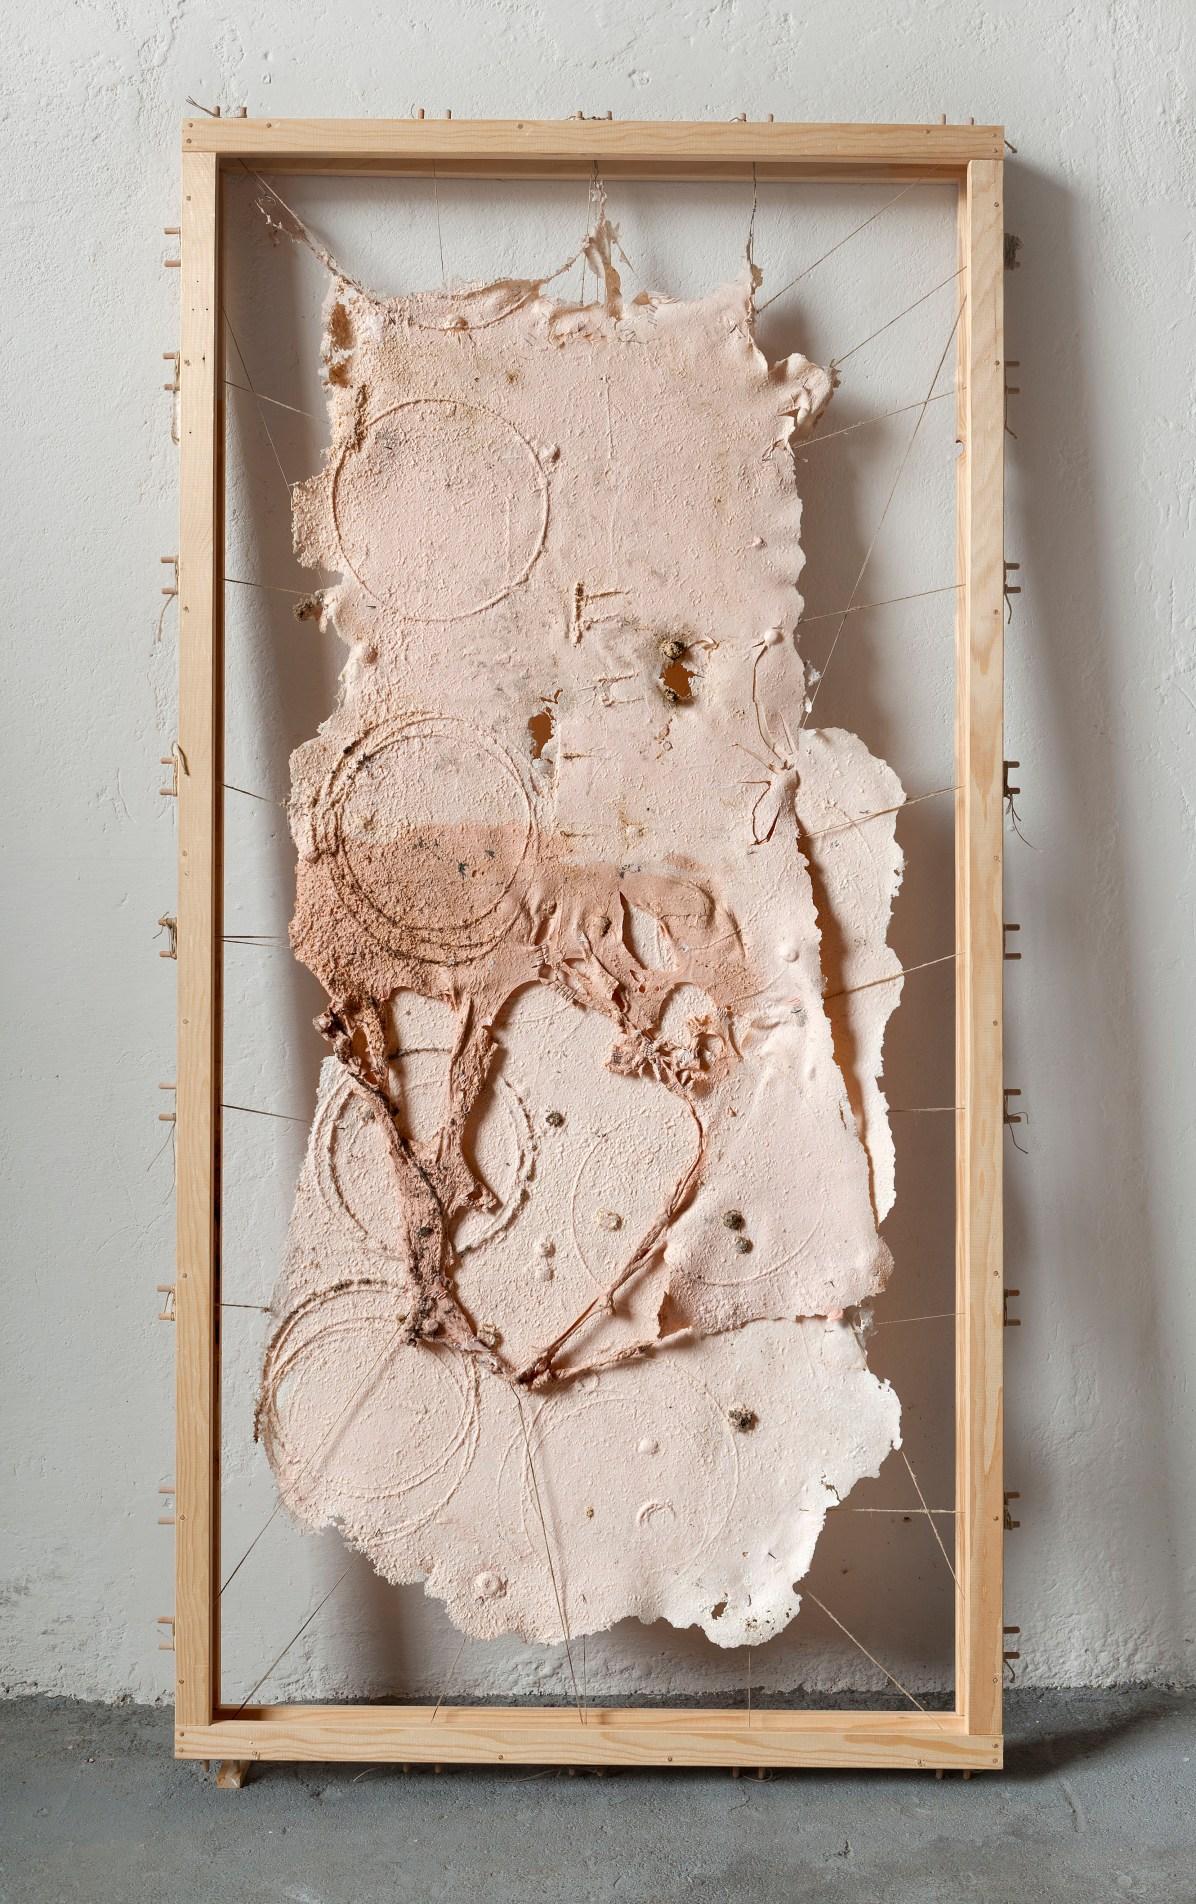 Chiara Bettazzi, Vellum, 2014. 100 x 200 cm. (Gomma siliconica, pigmento, ami da pesca, corda, telaio)